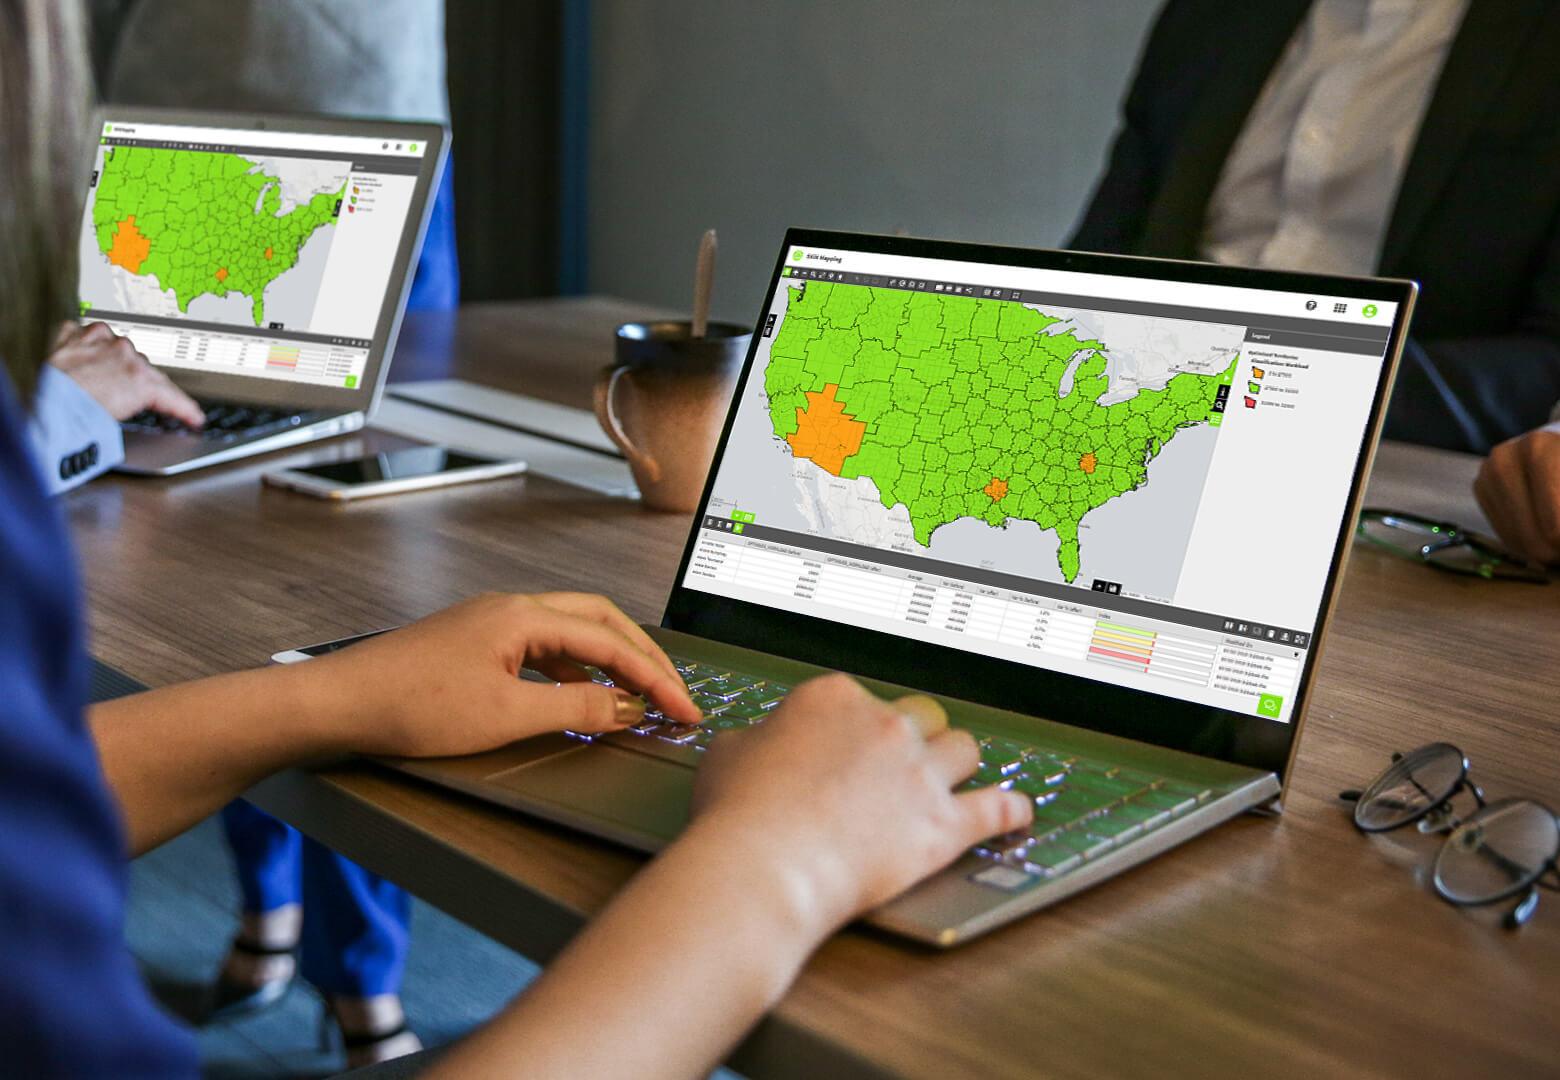 Optimising Rep Locations via Map